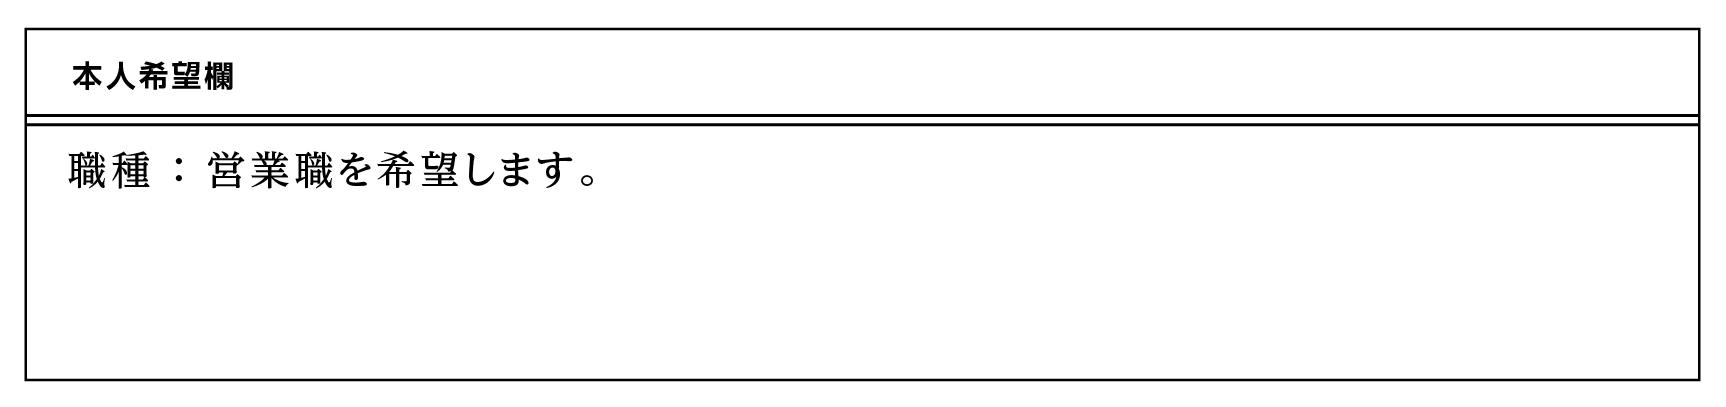 履歴書の本人希望欄の書き方例